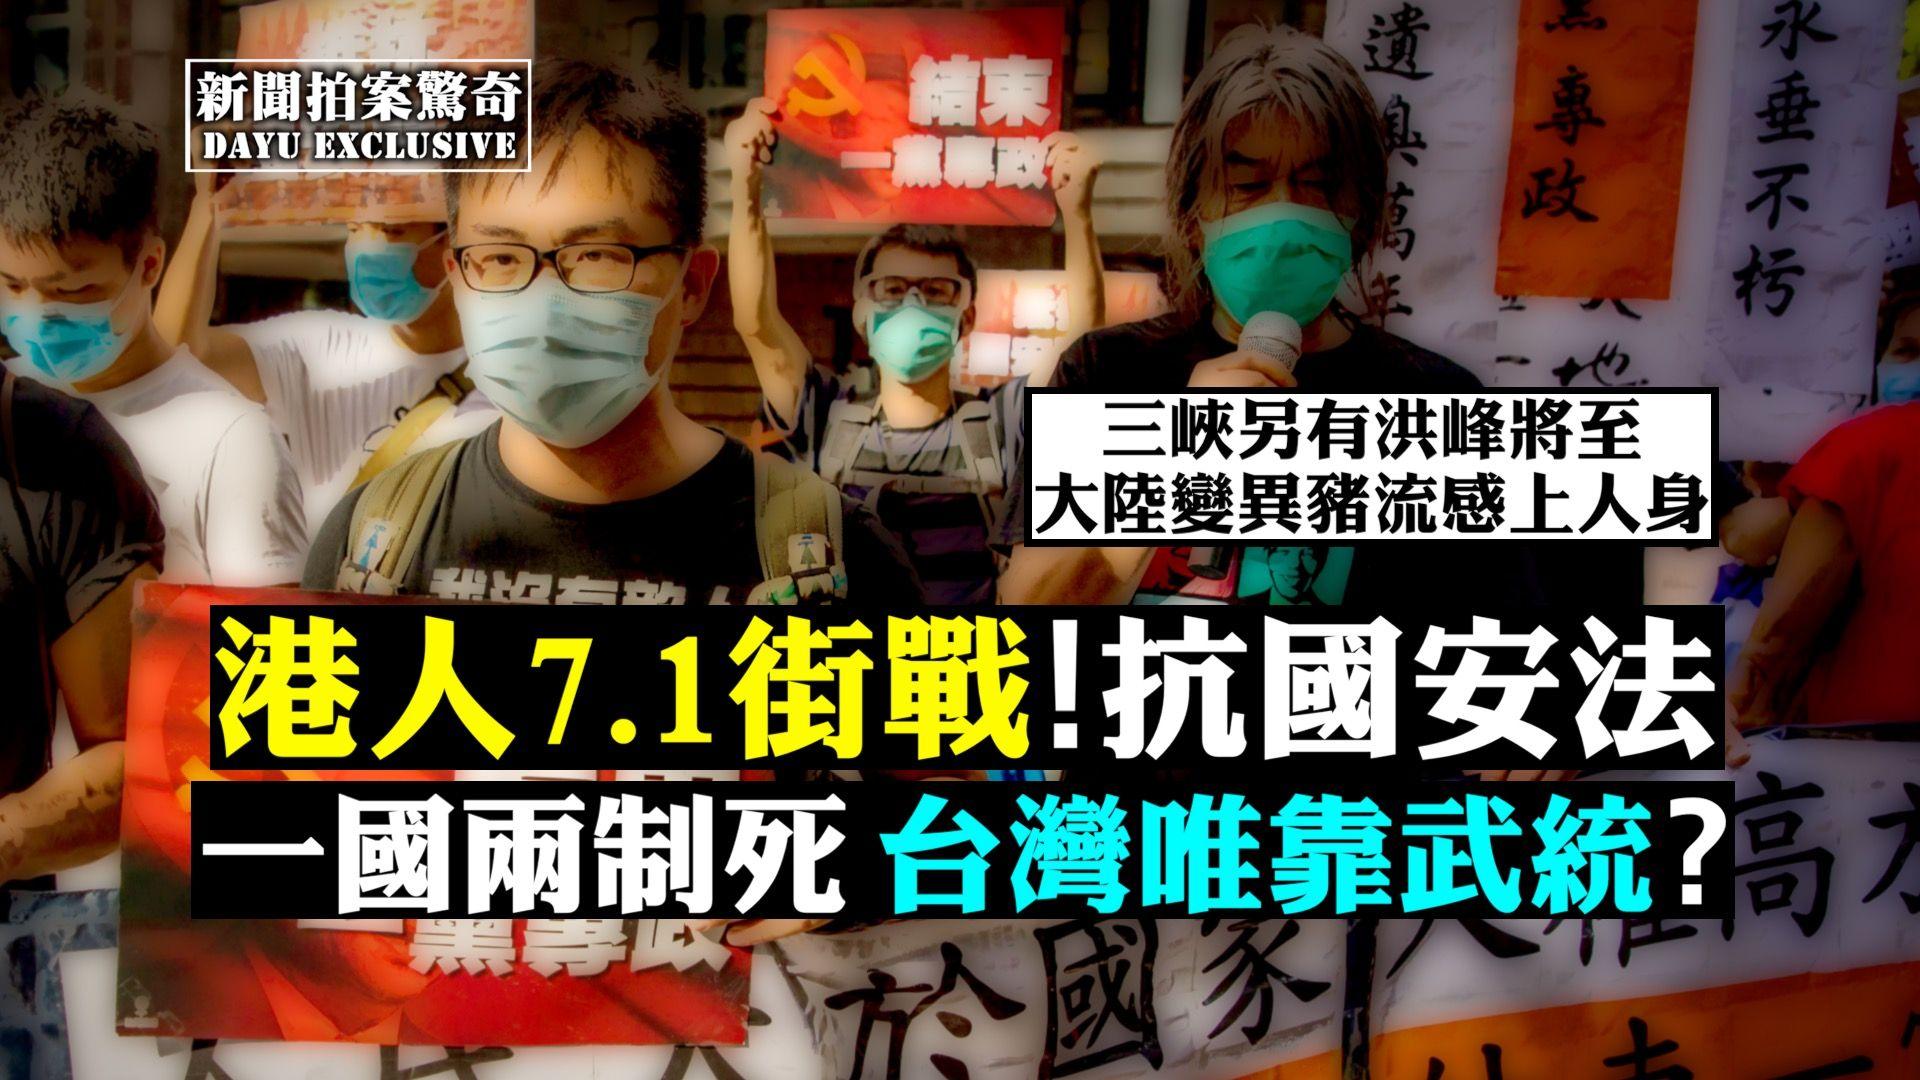 在國安法已經出台的危急關頭,香港人還在社交媒體上互相呼籲,7月1日用自己的方式,走上街頭,靈活抗爭。(新唐人合成圖)